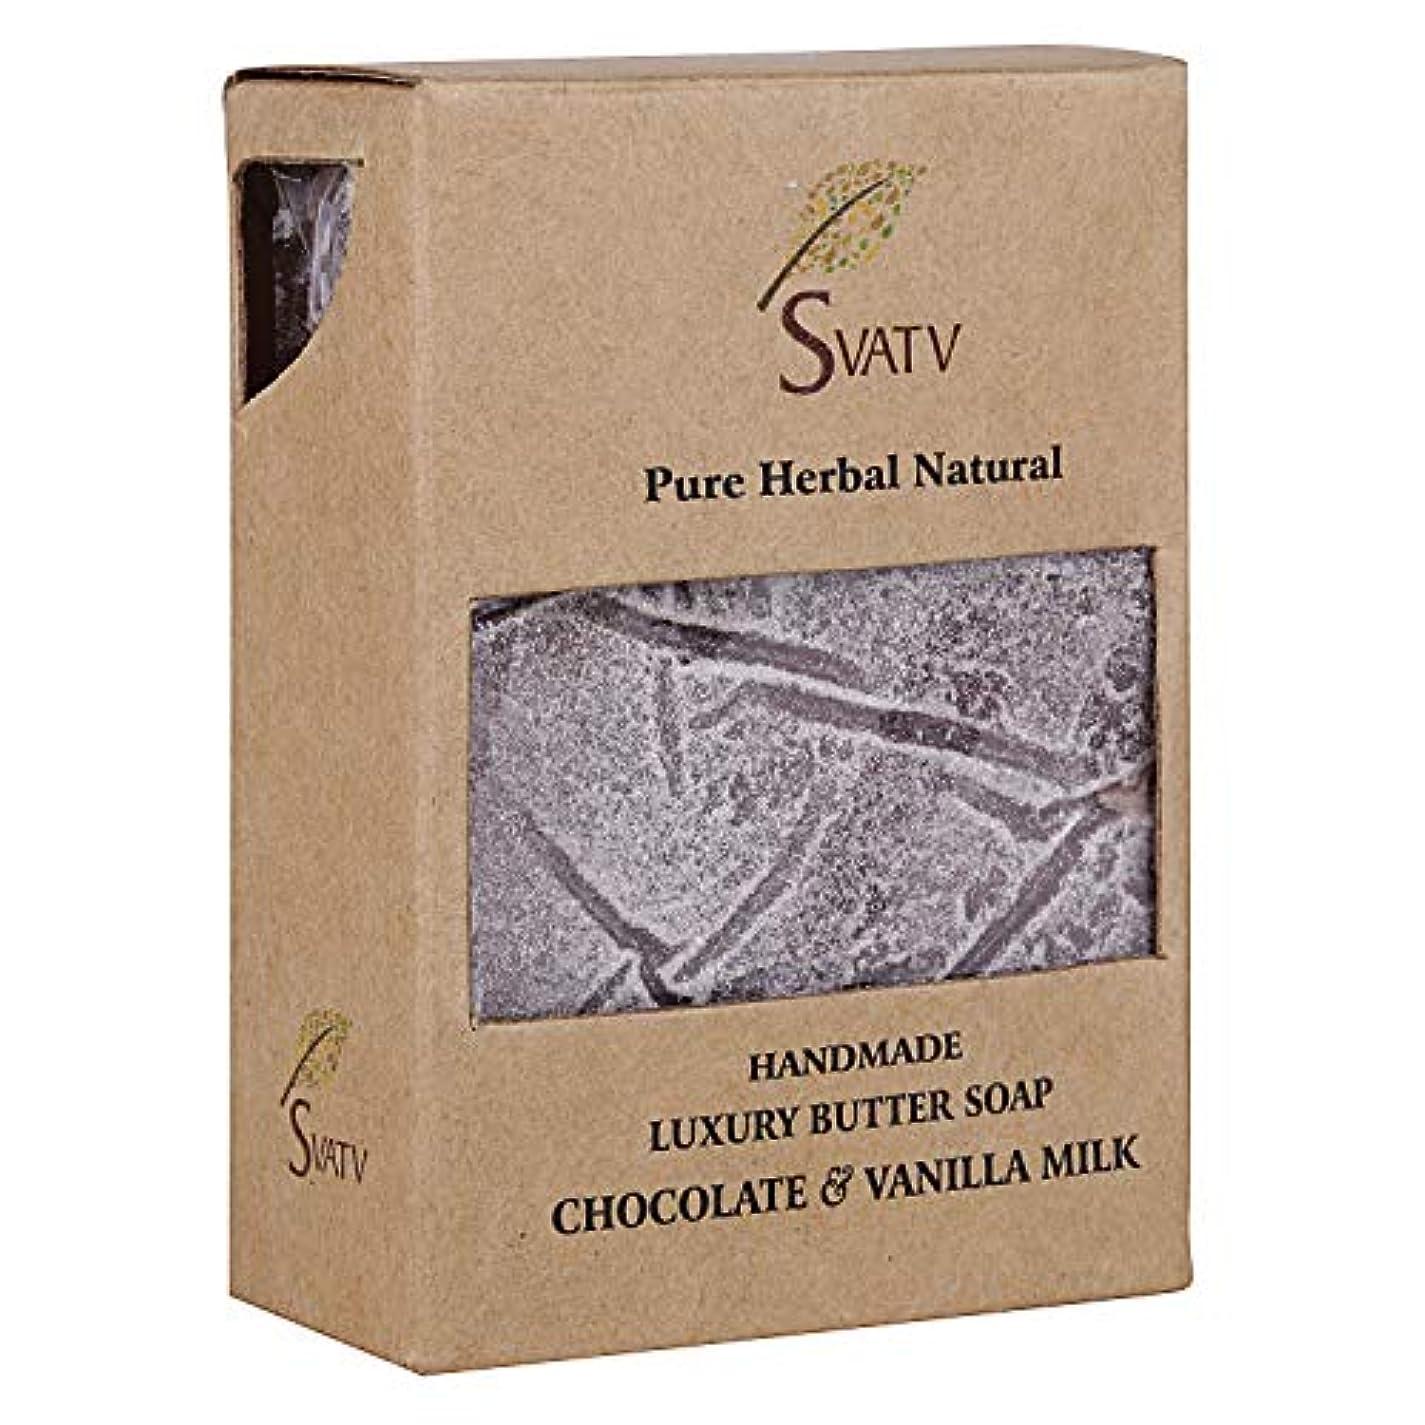 偏心側面マーカーSVATV Handmade Luxury Butter Soap Chocolate & Vanilla Milk For All Skin types 100g Bar